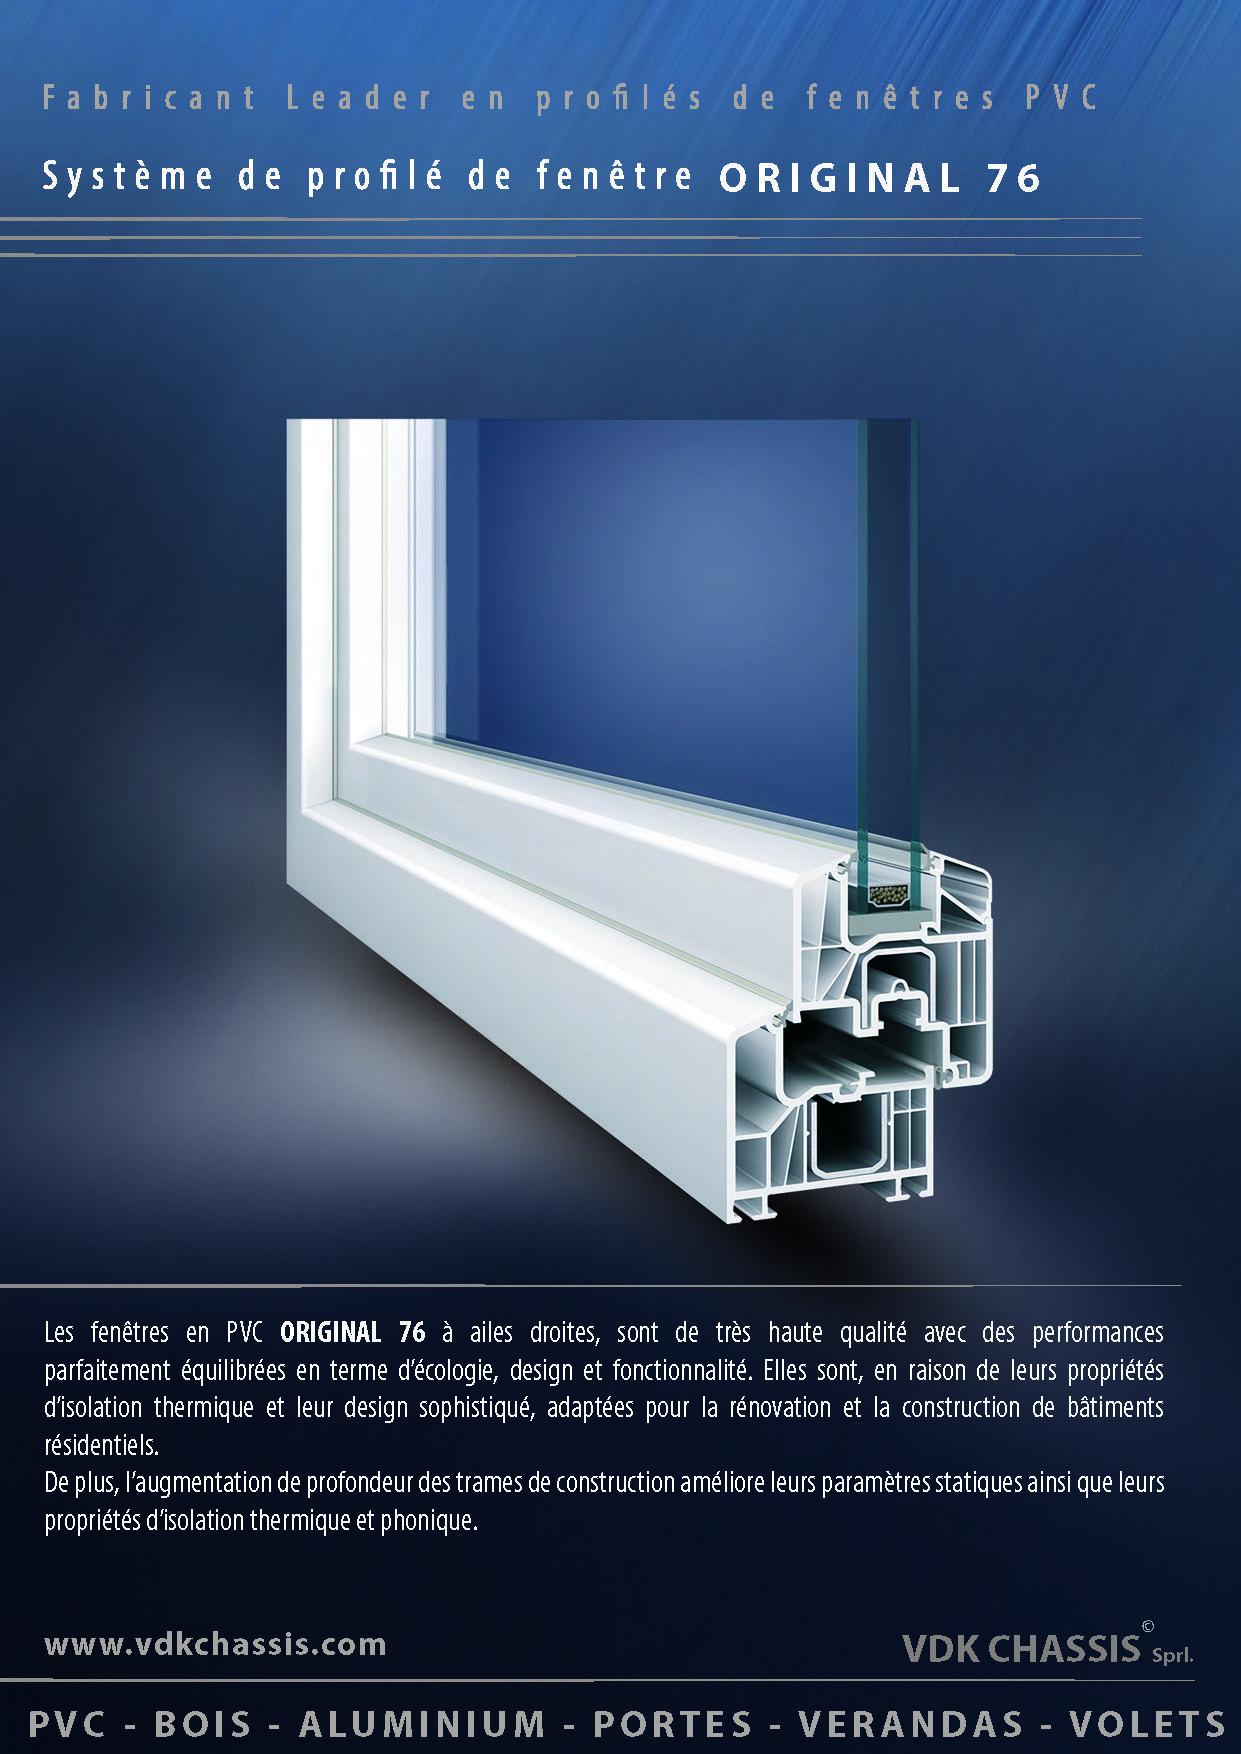 8b38f6da3286 Les fenêtres ORIGINAL 76 sont solides et présentent un système à 6 chambres  avec joint de